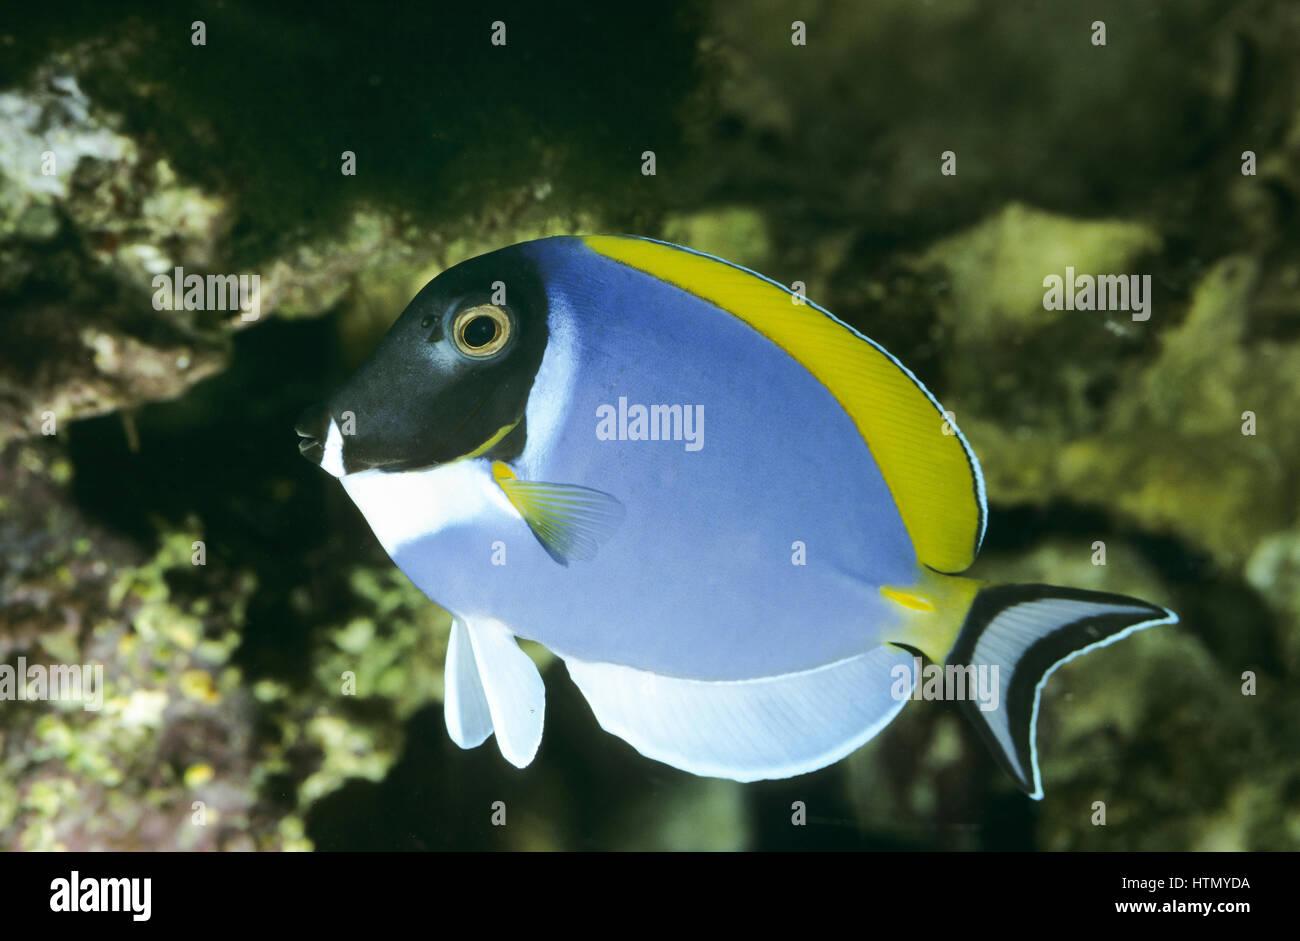 Weißkehl-Doktorfisch, Weißbrust-Doktorfisch, Acanthurus leucosternon, powder blue tang, powderblue surgeonfish, - Stock Image